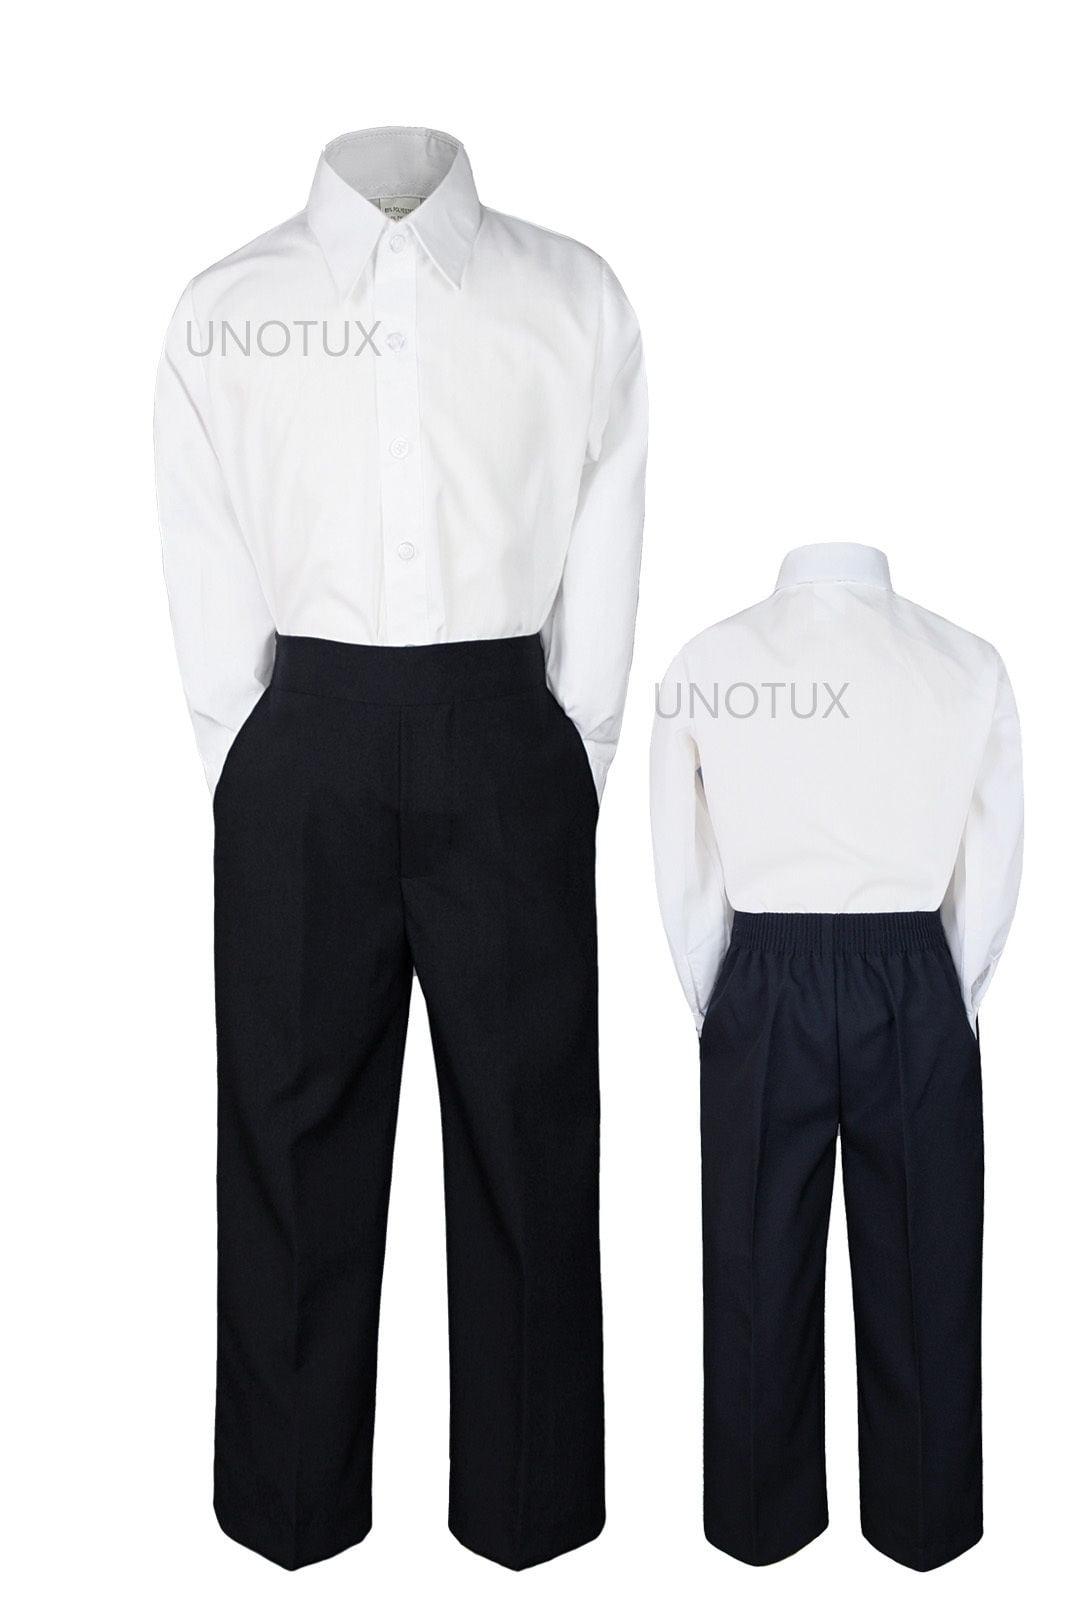 2pc Set Baby Boy Toddler Kid Teen Wedding White Black Pants Formal Suit sz S-20